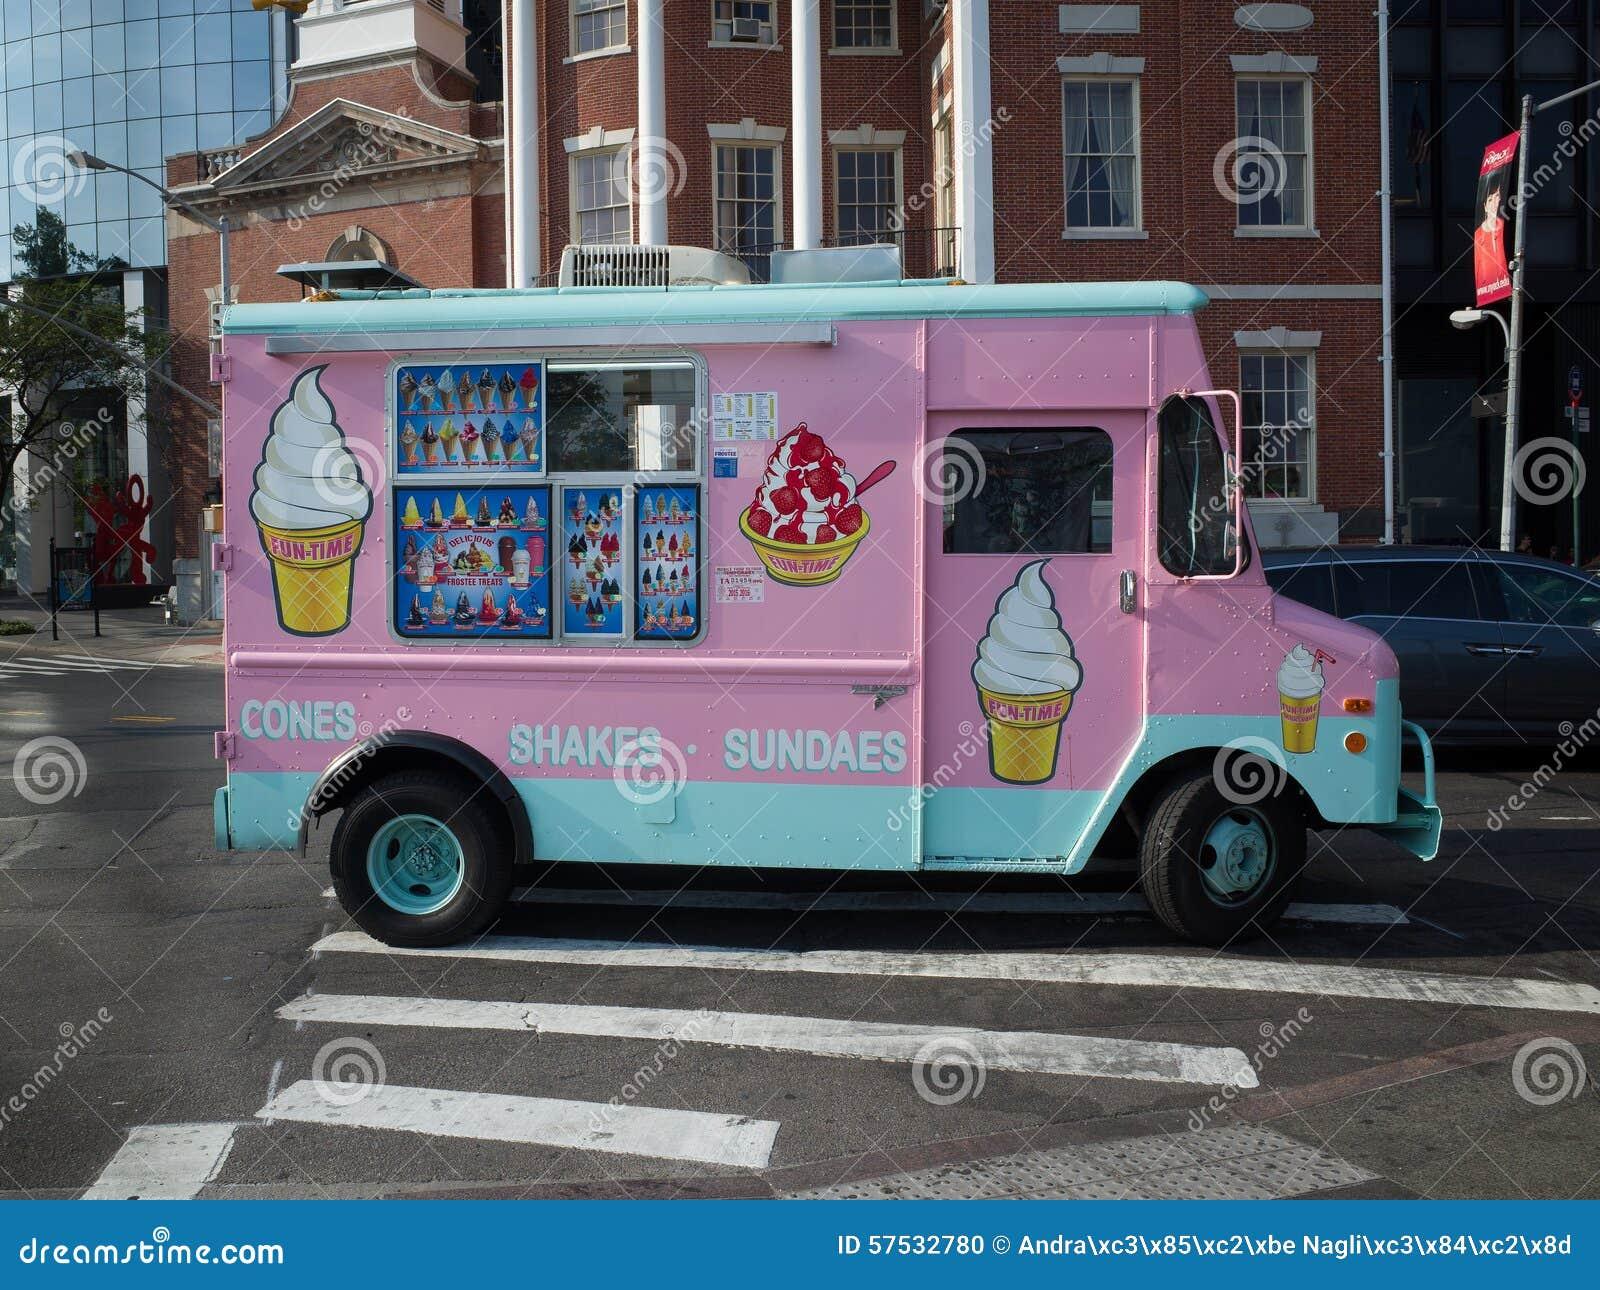 The Pink Van Food Truck